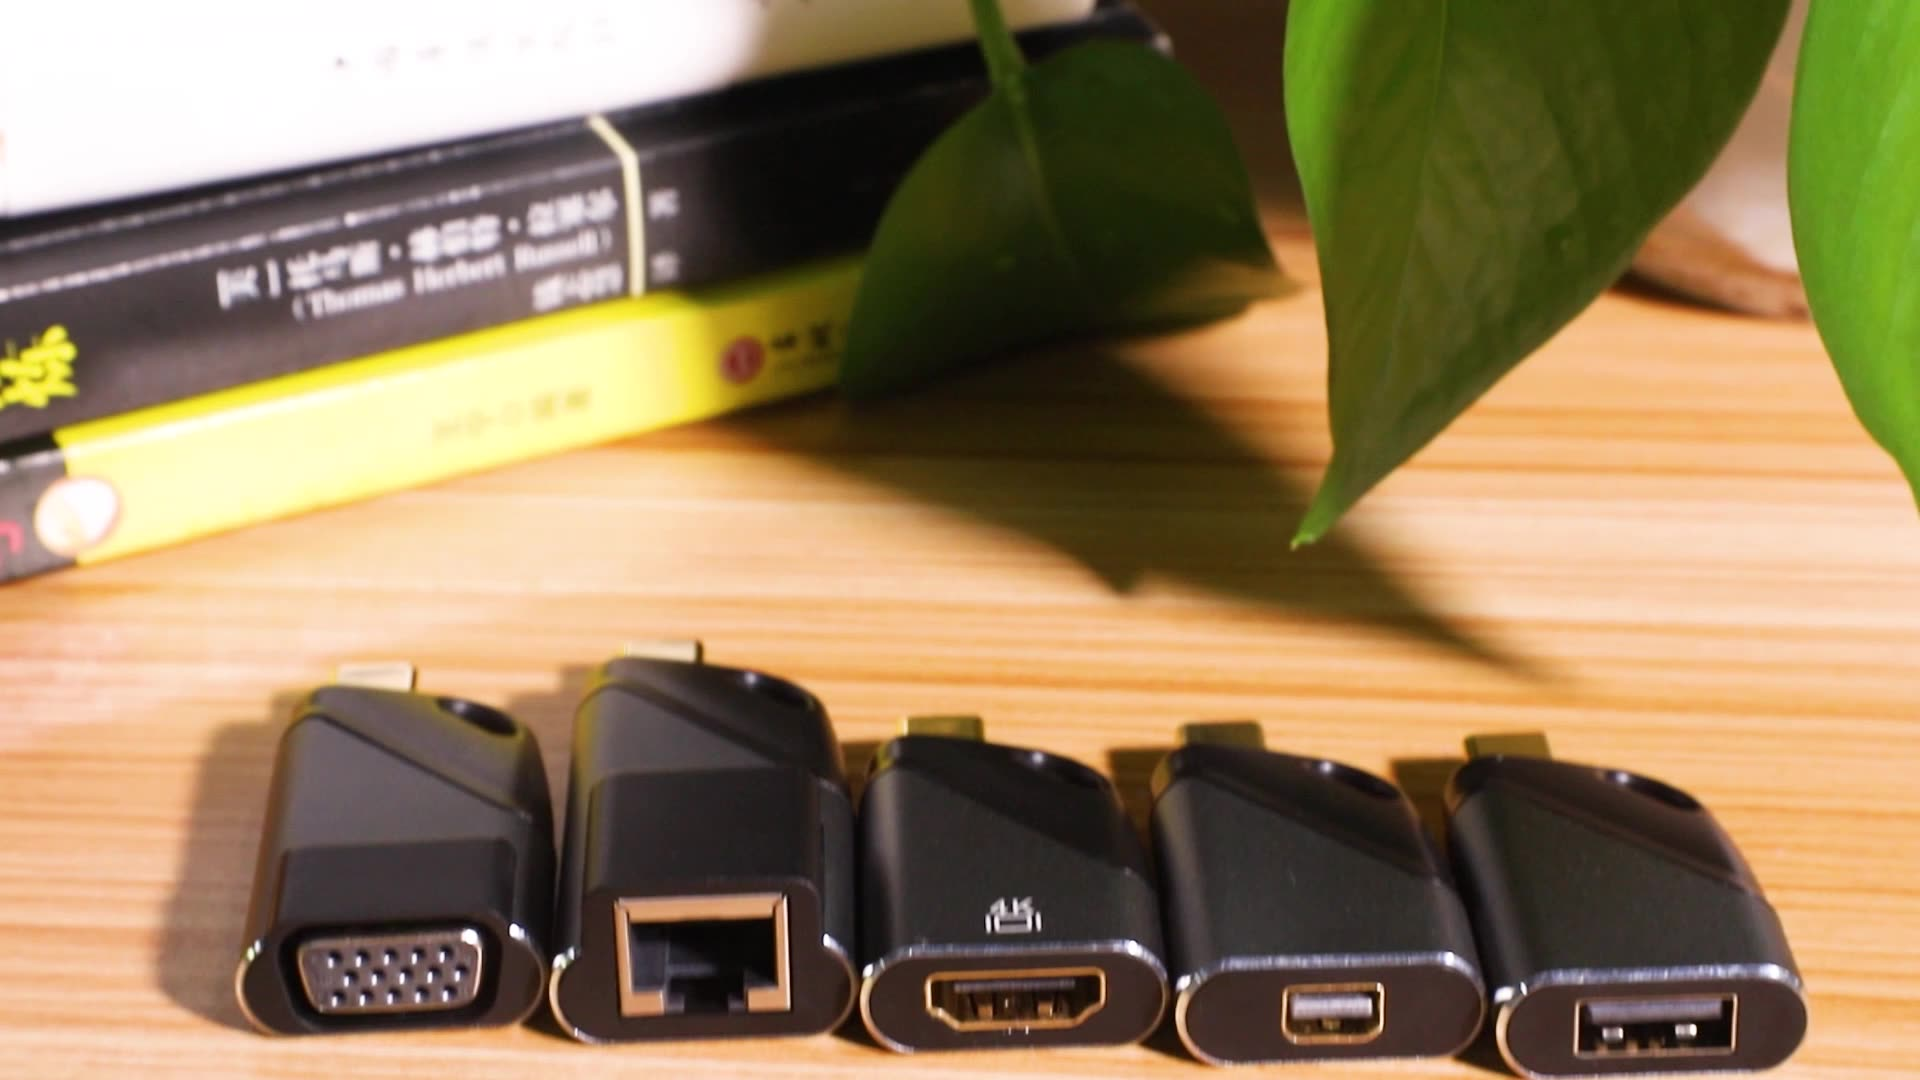 HD 4K USB C zu mini Display Port USB Typ-C zu mini DP Adapter